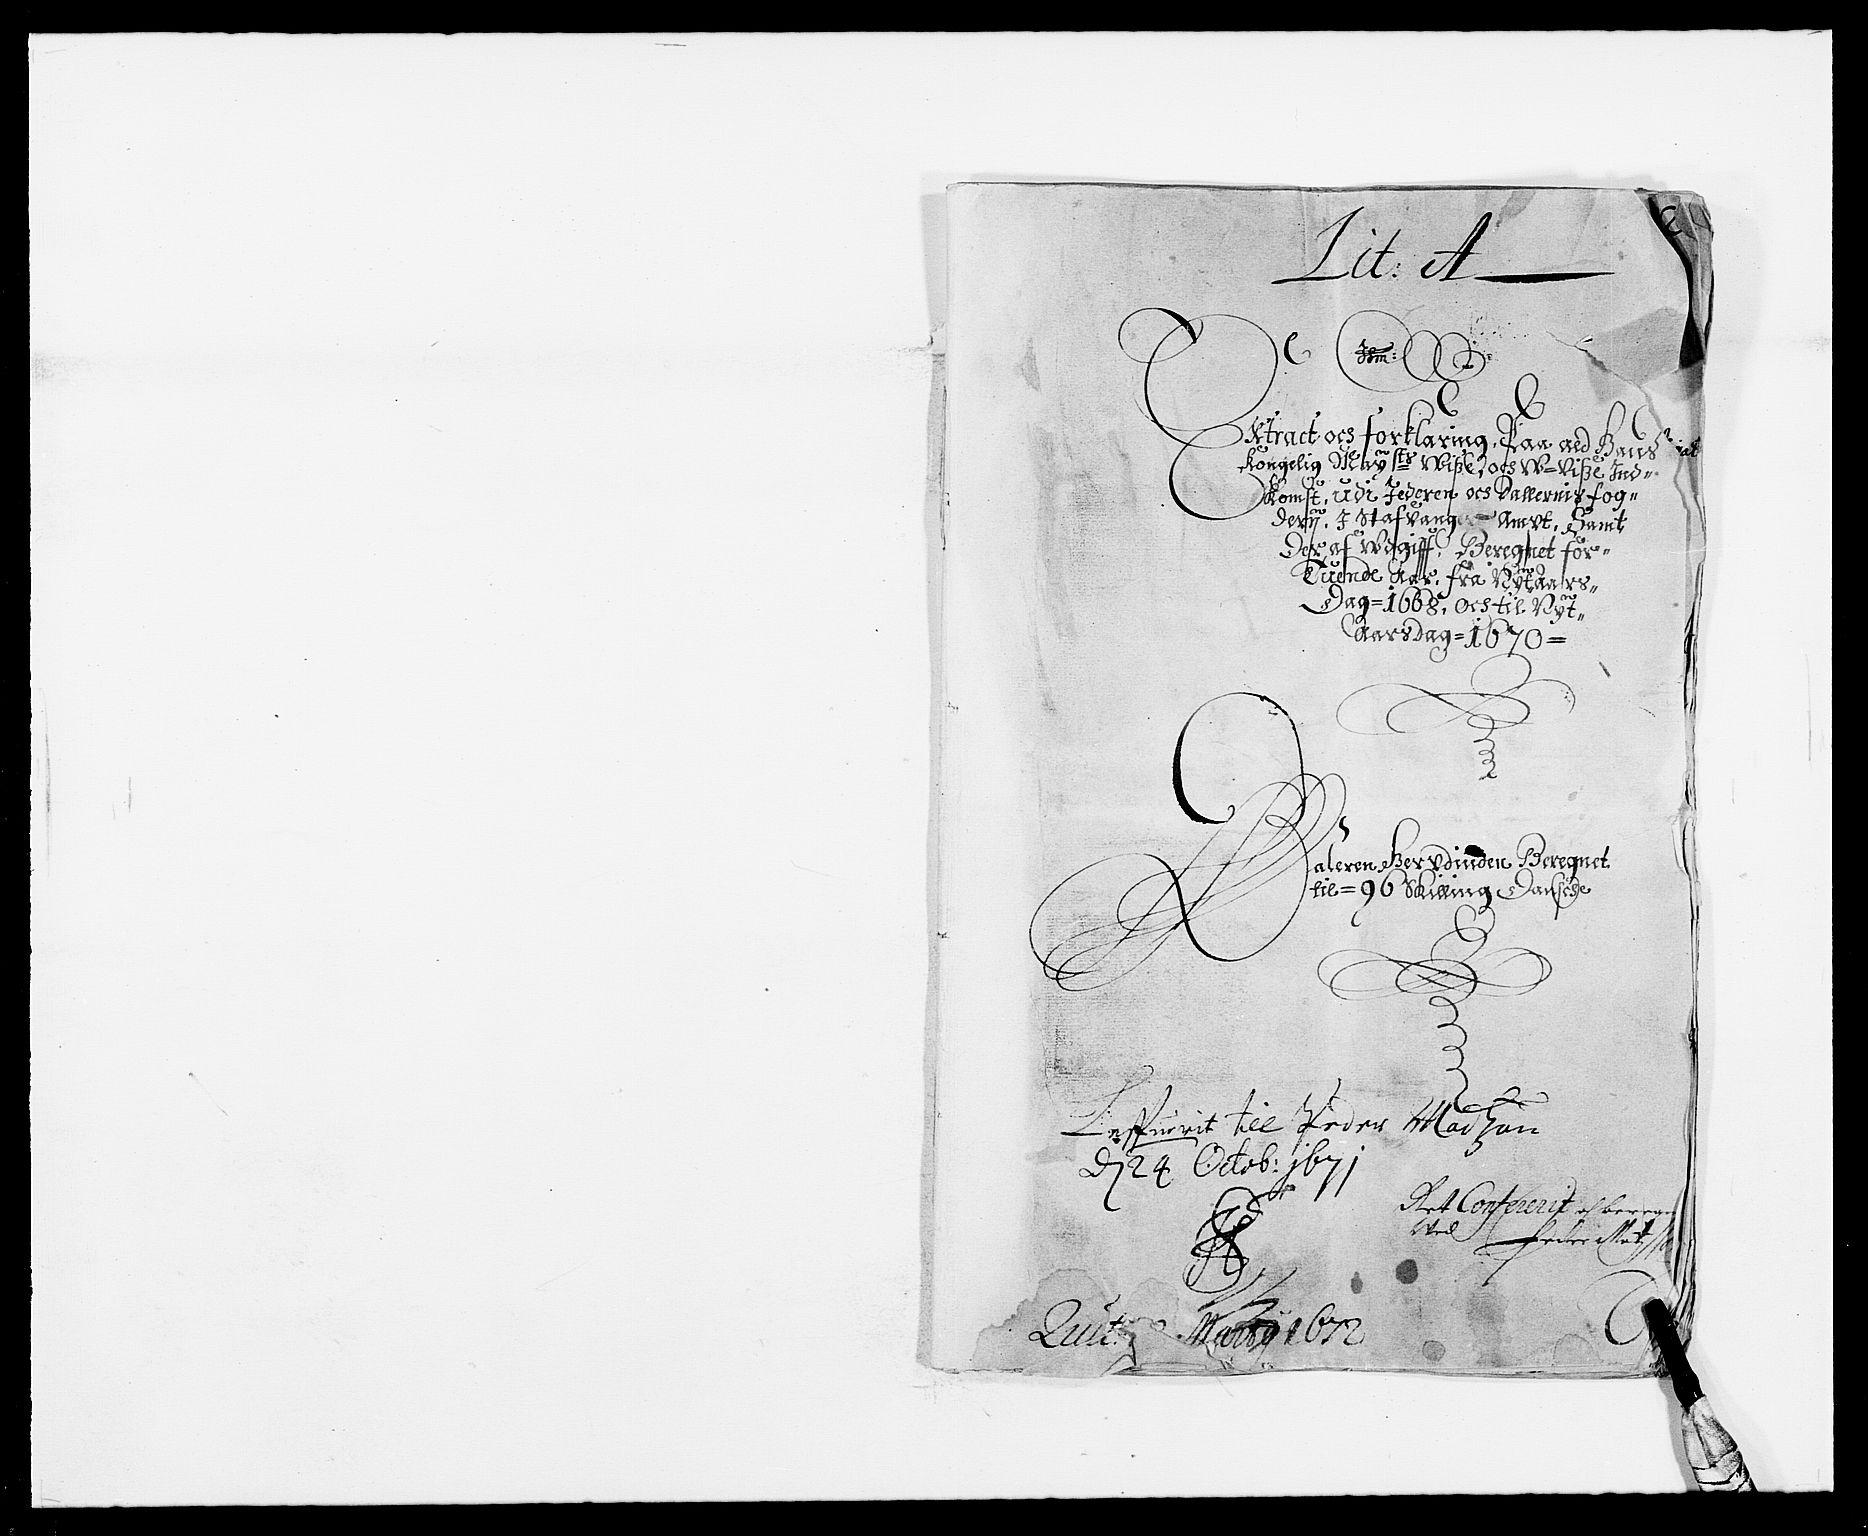 RA, Rentekammeret inntil 1814, Reviderte regnskaper, Fogderegnskap, R46/L2711: Fogderegnskap Jæren og Dalane, 1668-1670, s. 1